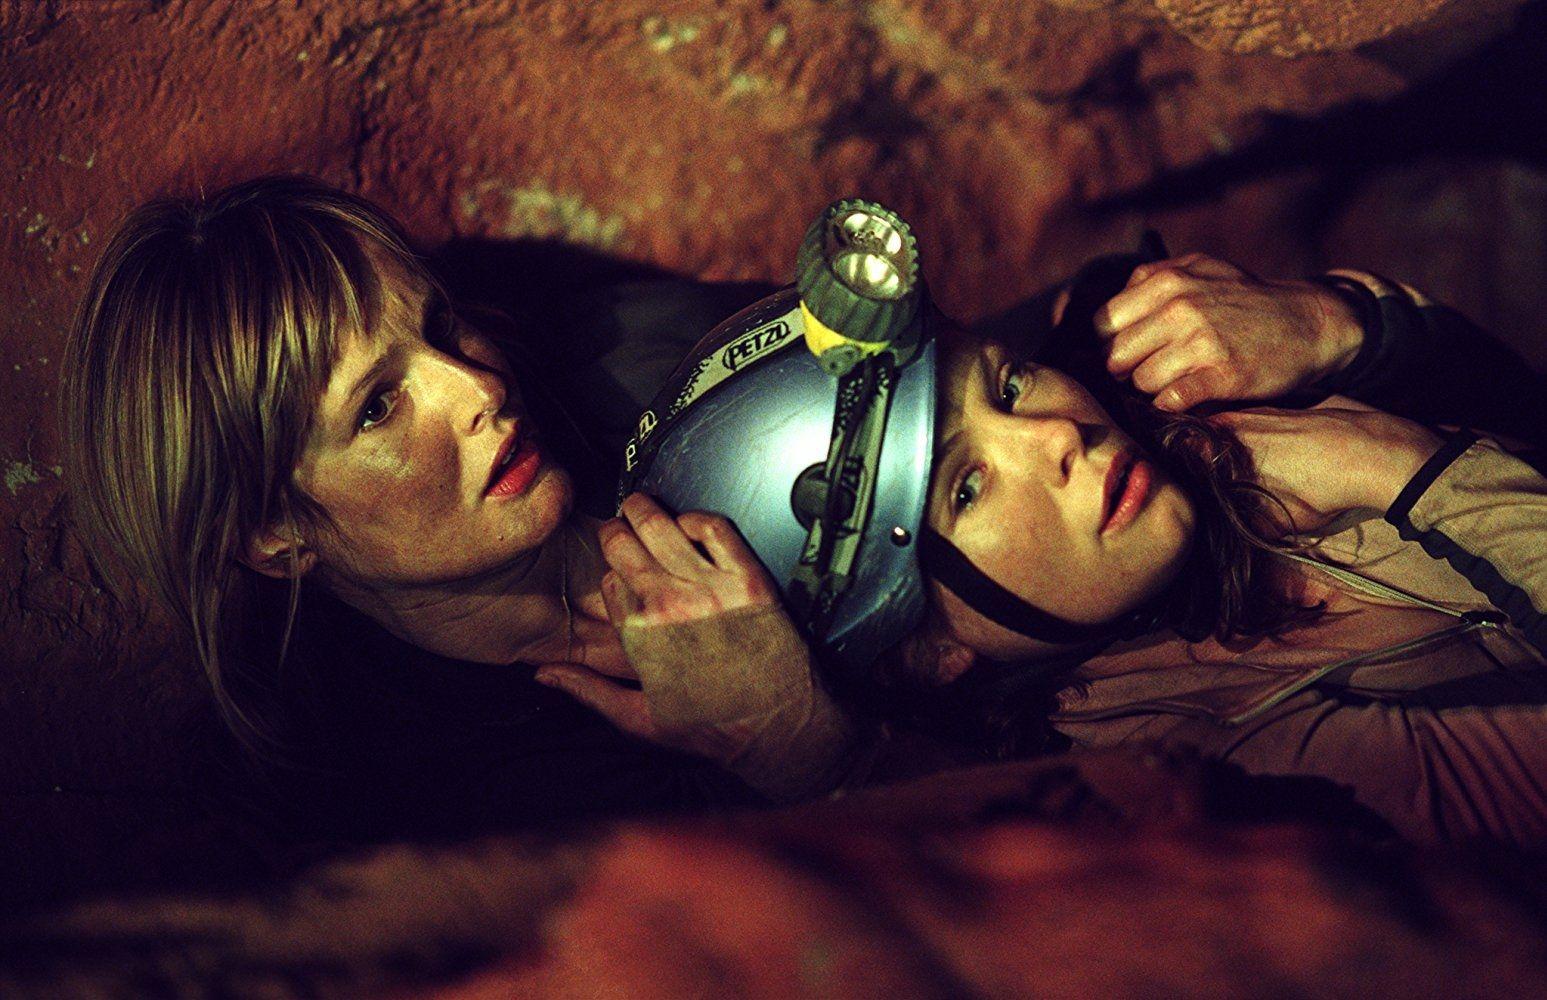 The Descent : critique des profondeurs - Critique Film - EcranLarge